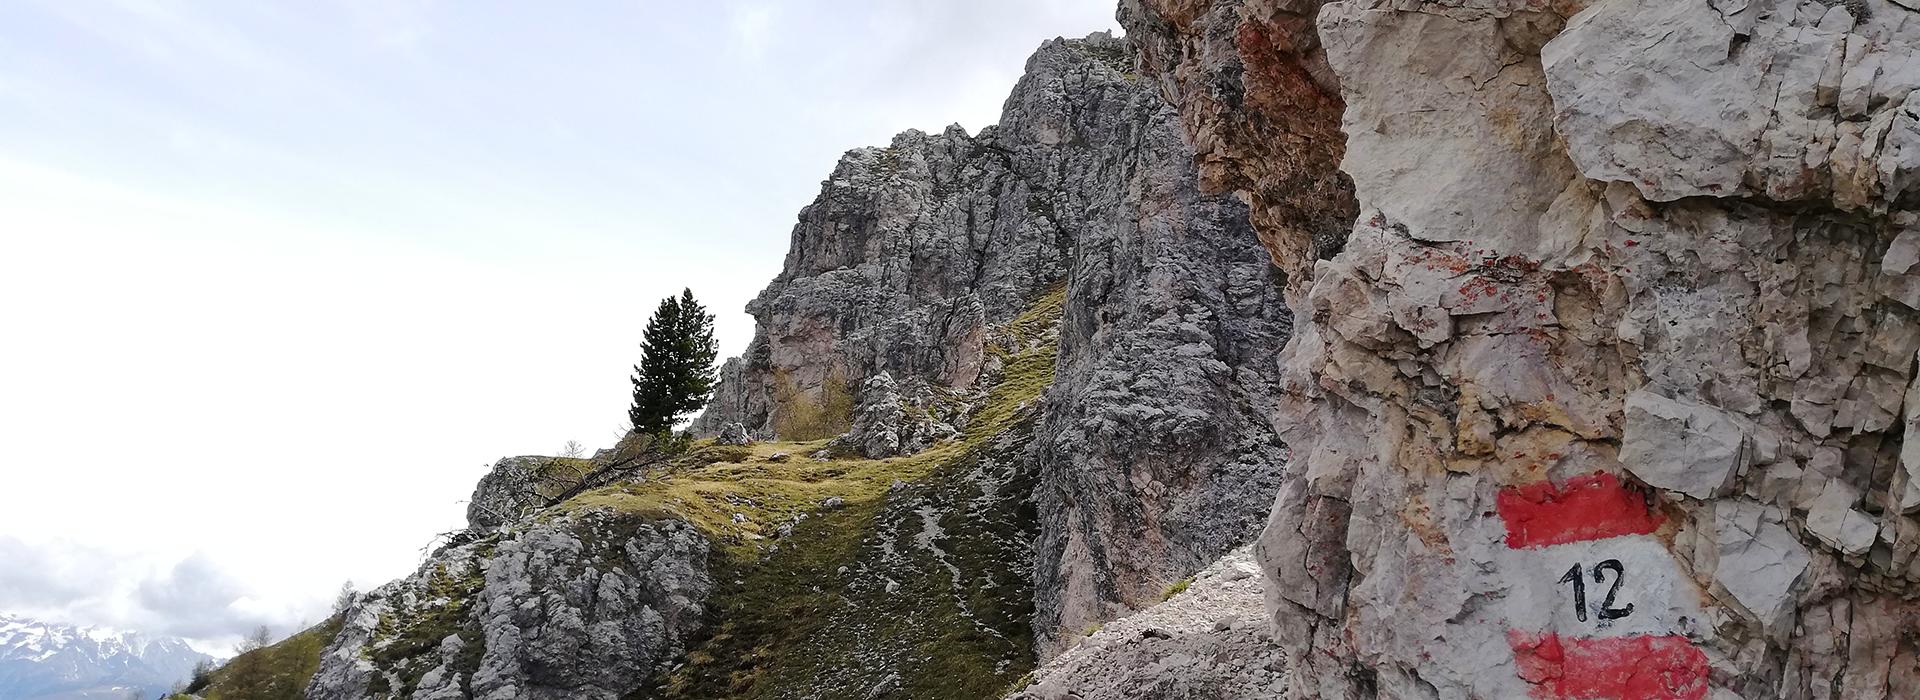 Piz da Peres, escursione ad anello nel Parco Naturale Fanes-Senes-Braies, dal passo Furcia